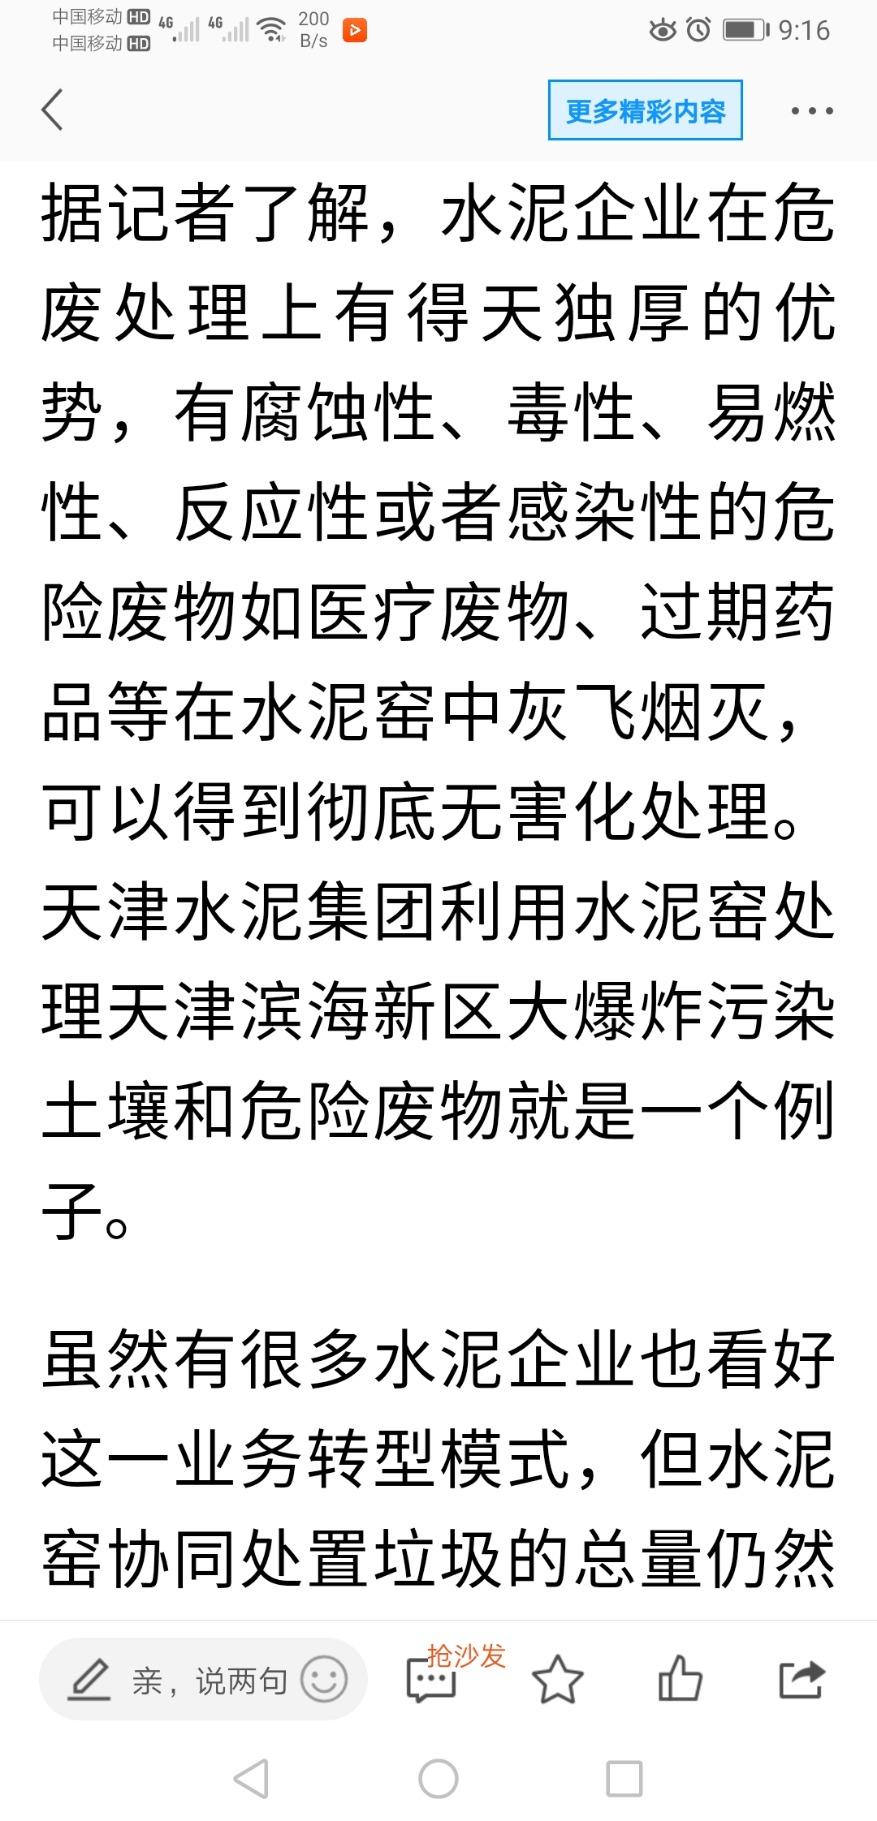 Screenshot_20190910_211608_com.tencent.mtt.jpg